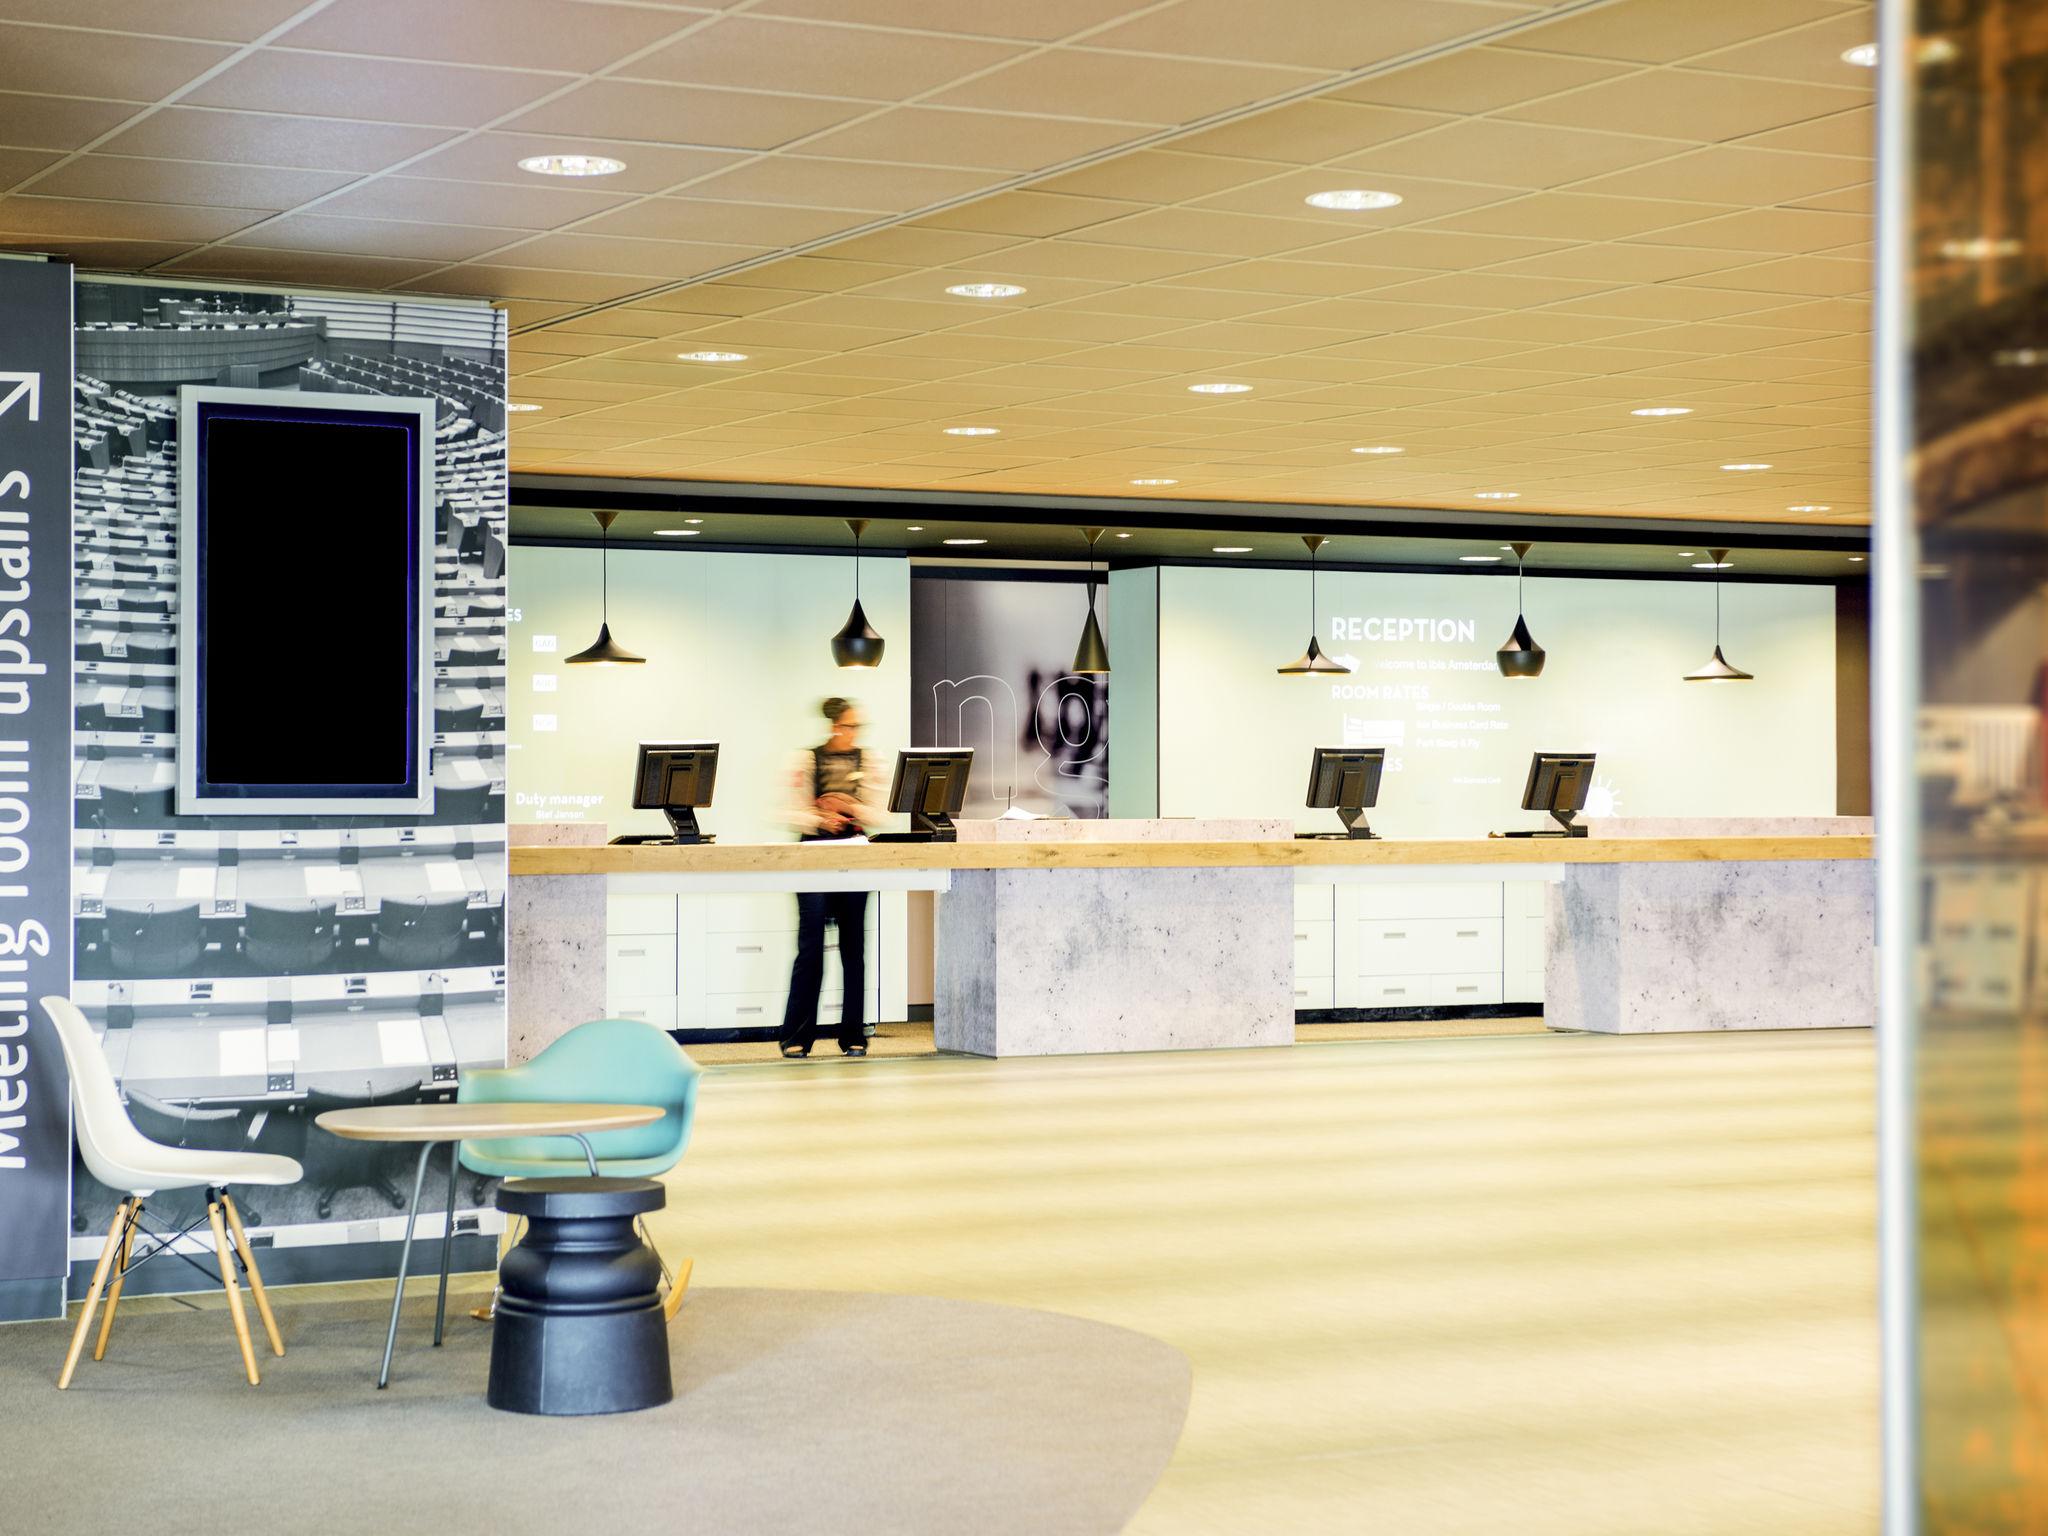 酒店 – 宜必思斯希普霍尔阿姆斯特丹机场酒店